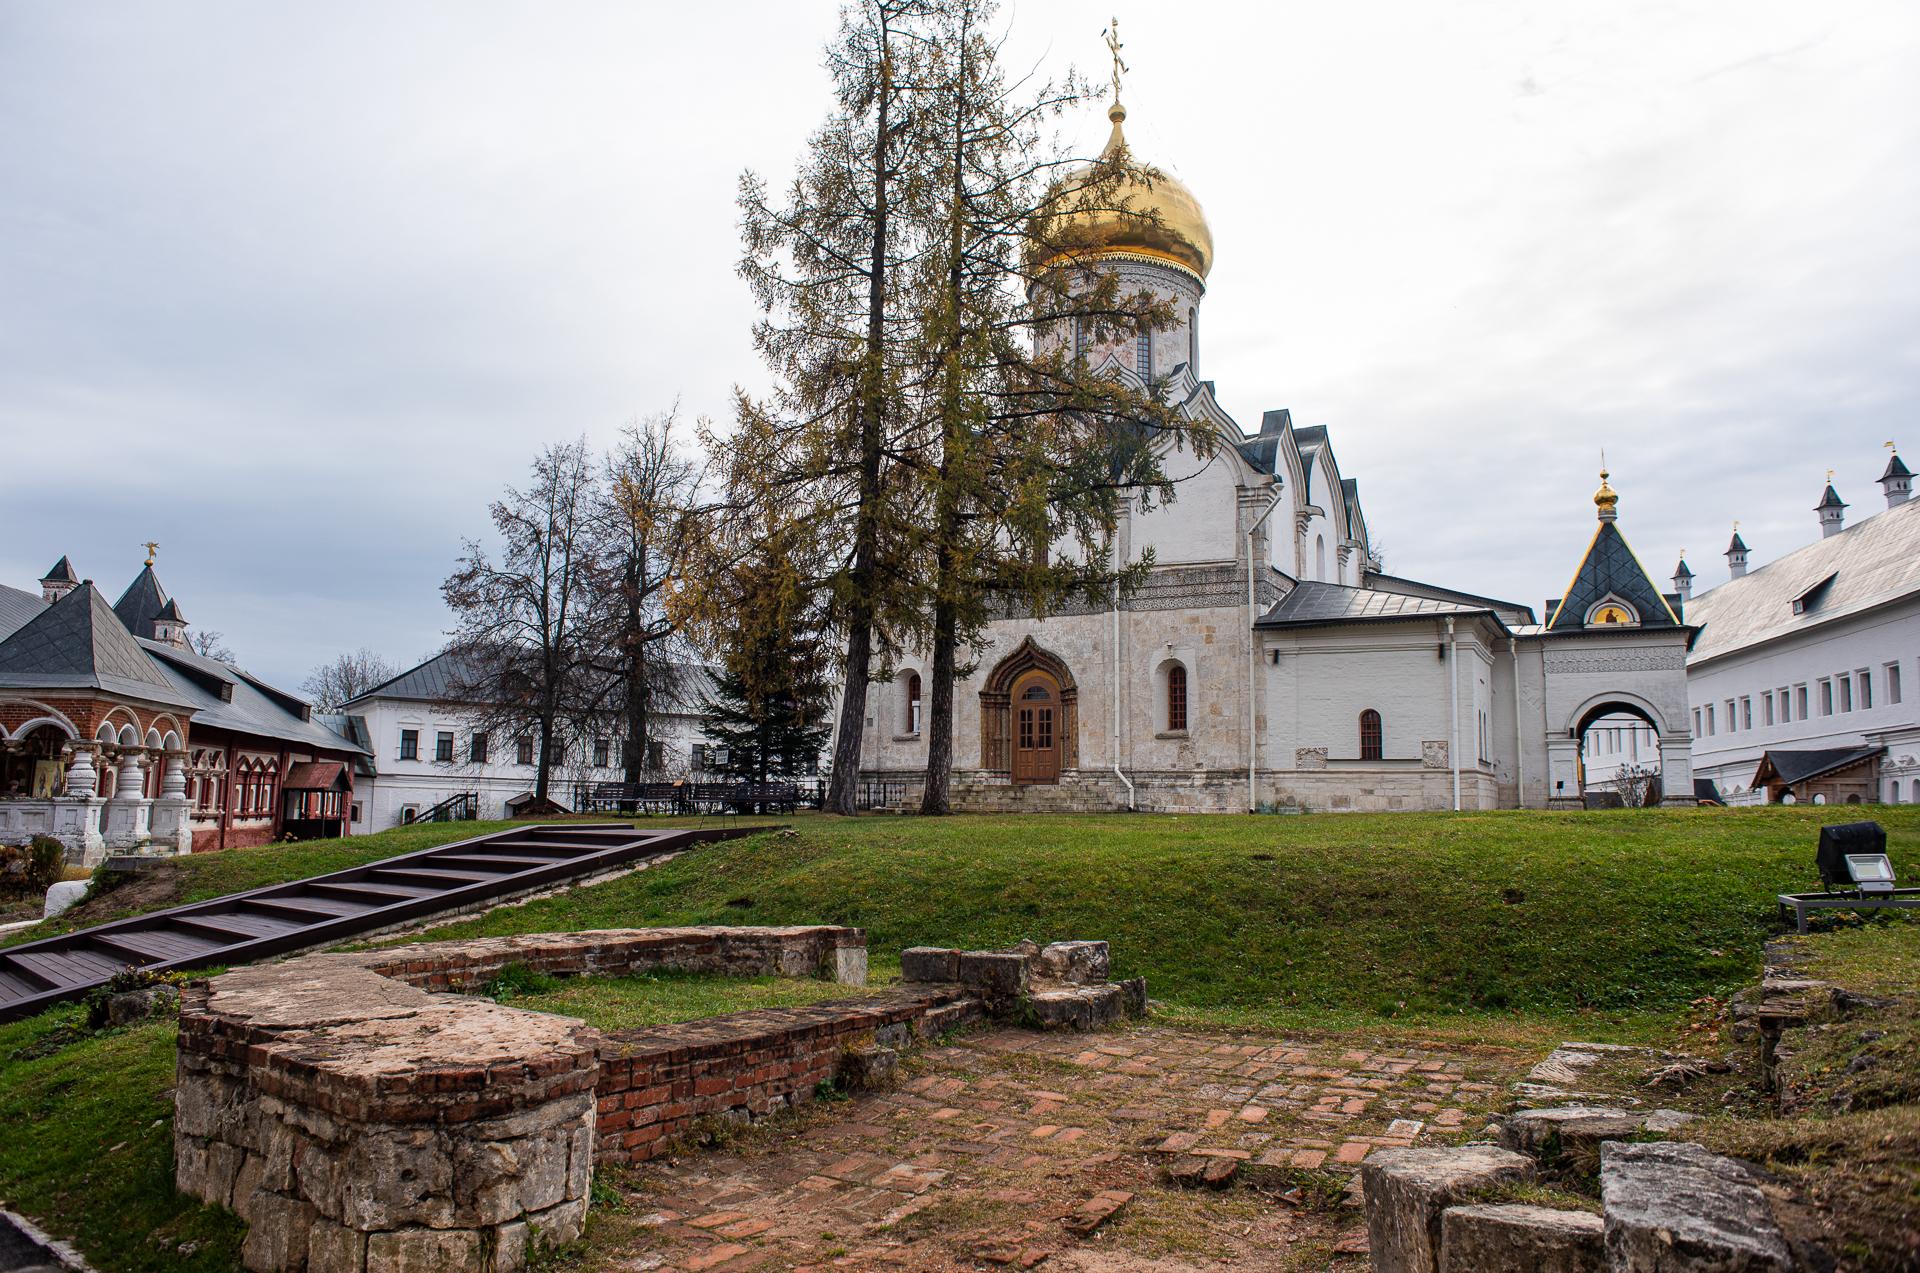 Саввино-сторожевский ставропигиальный мужской монастырь, Cобор Рождества Богородицы, фундамент храма